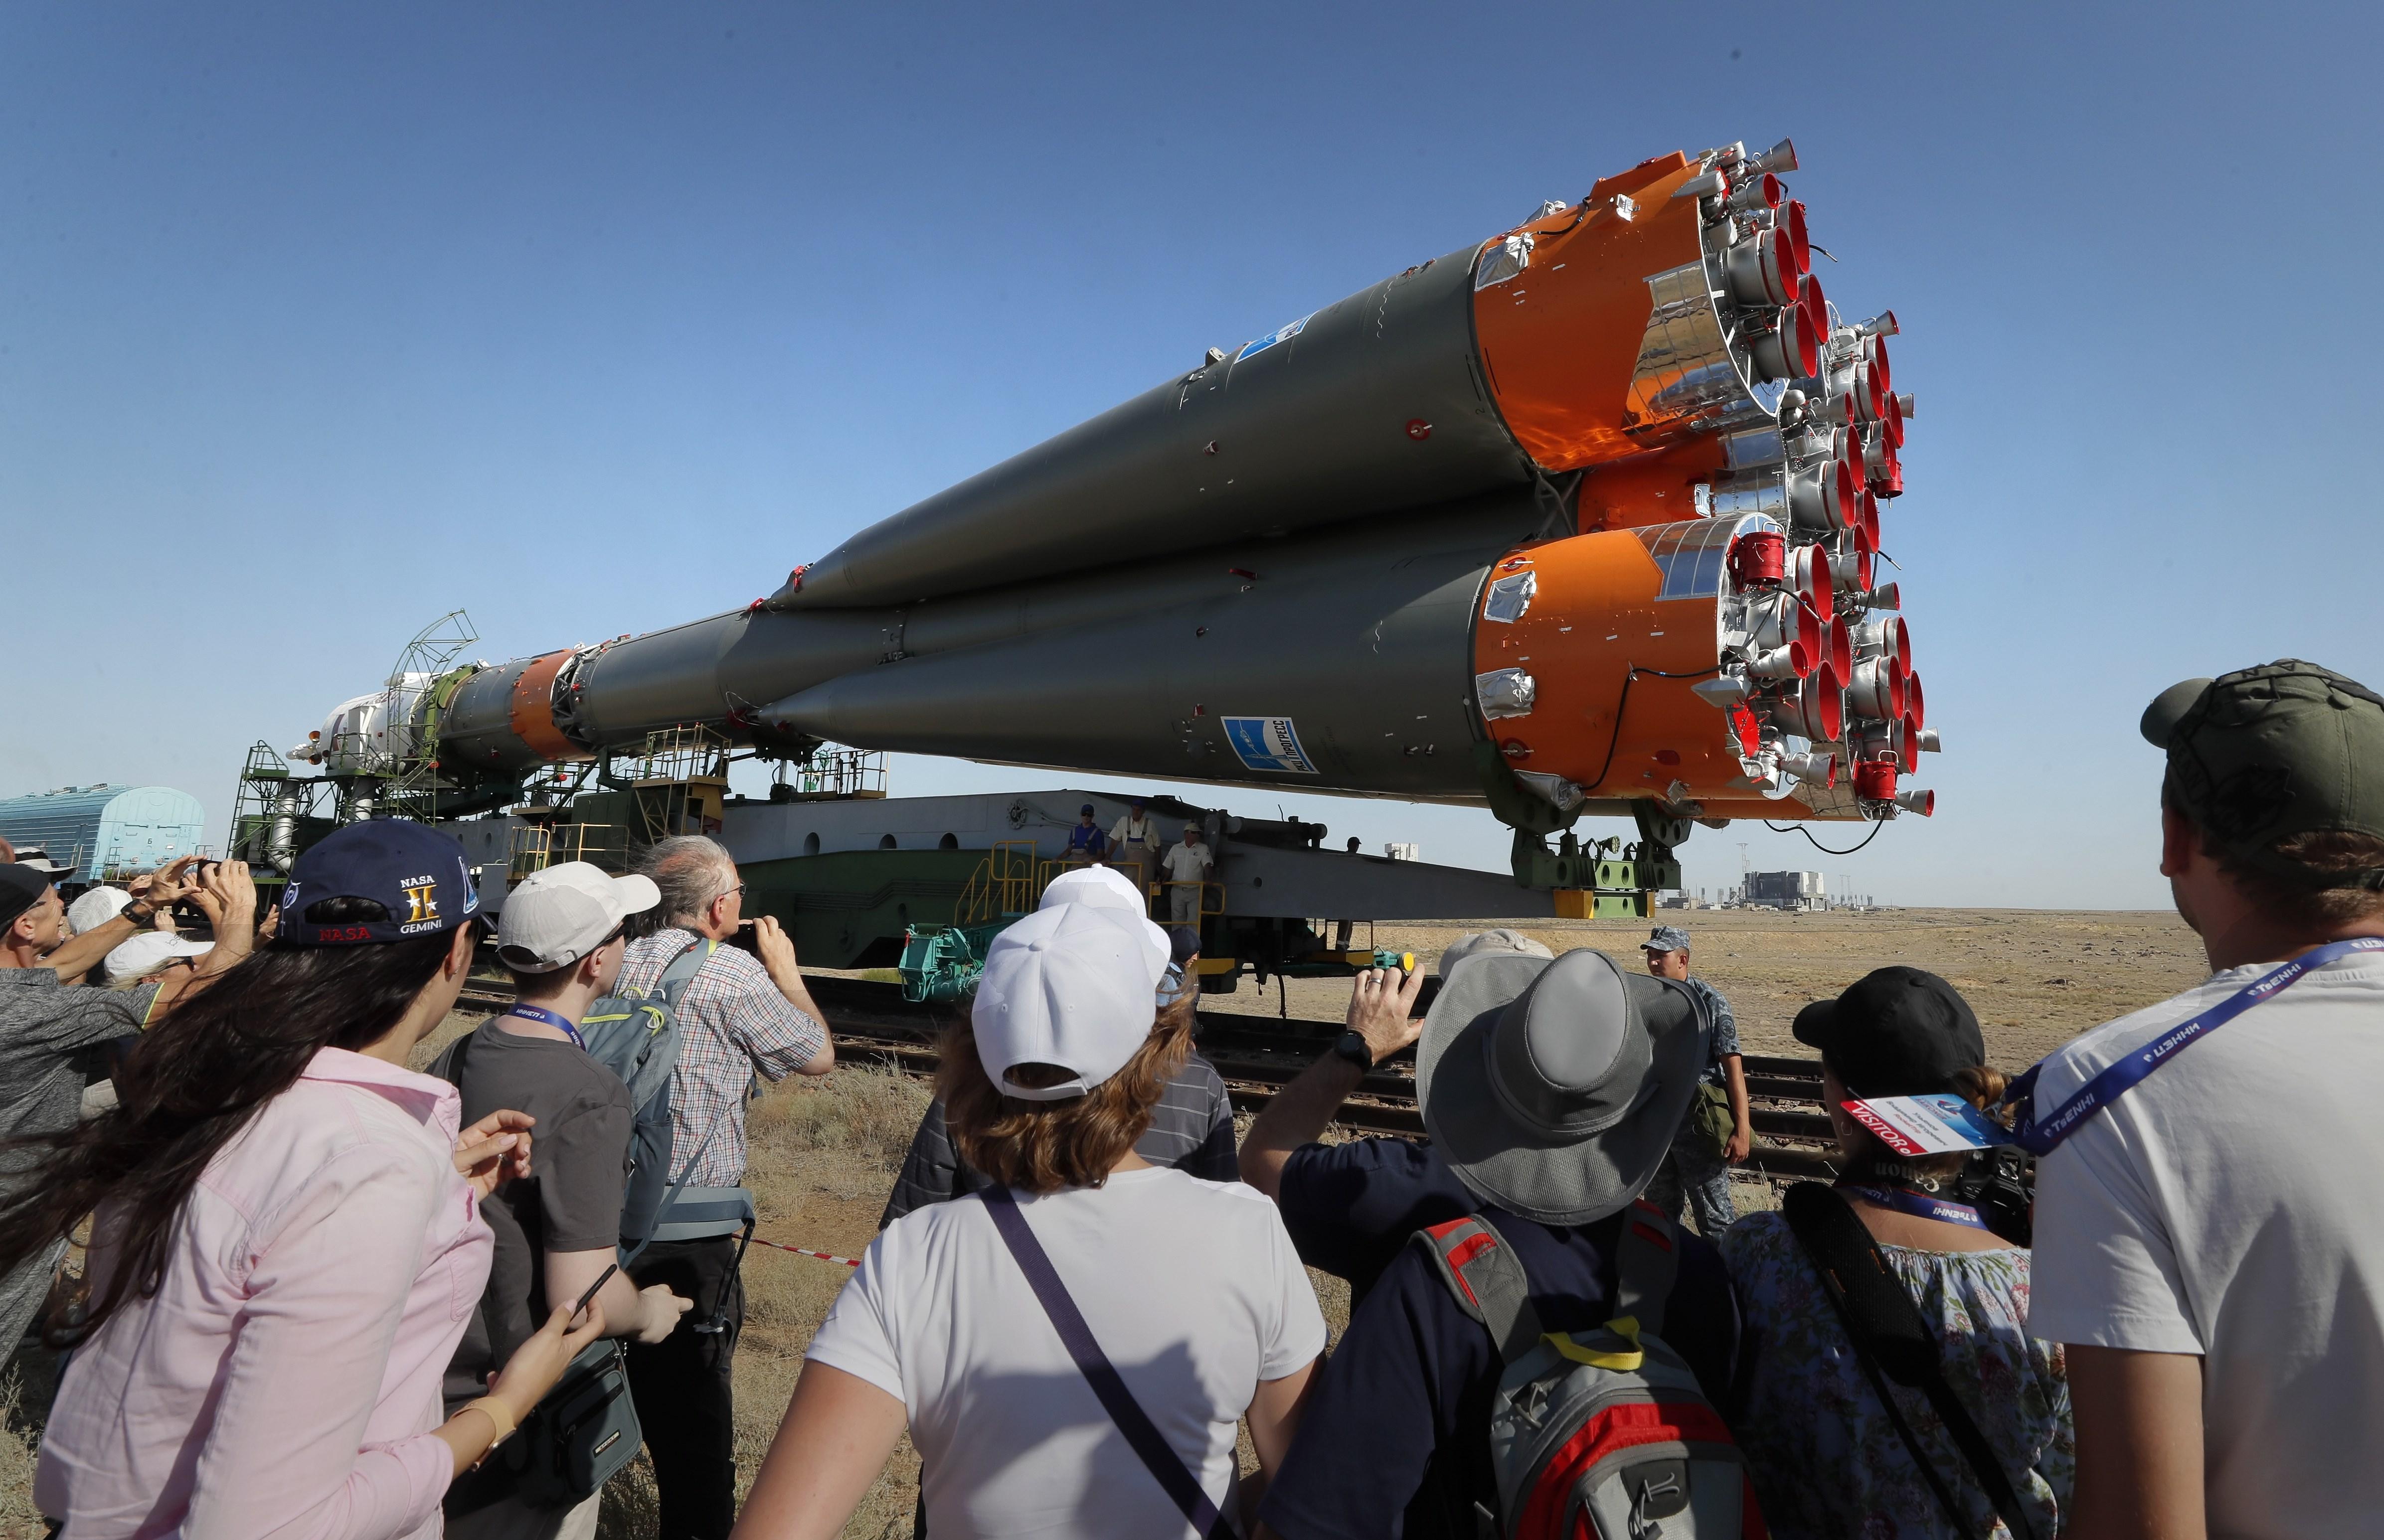 Emplazan la nave rusa Soyuz MS-13 en la rampa de lanzamiento